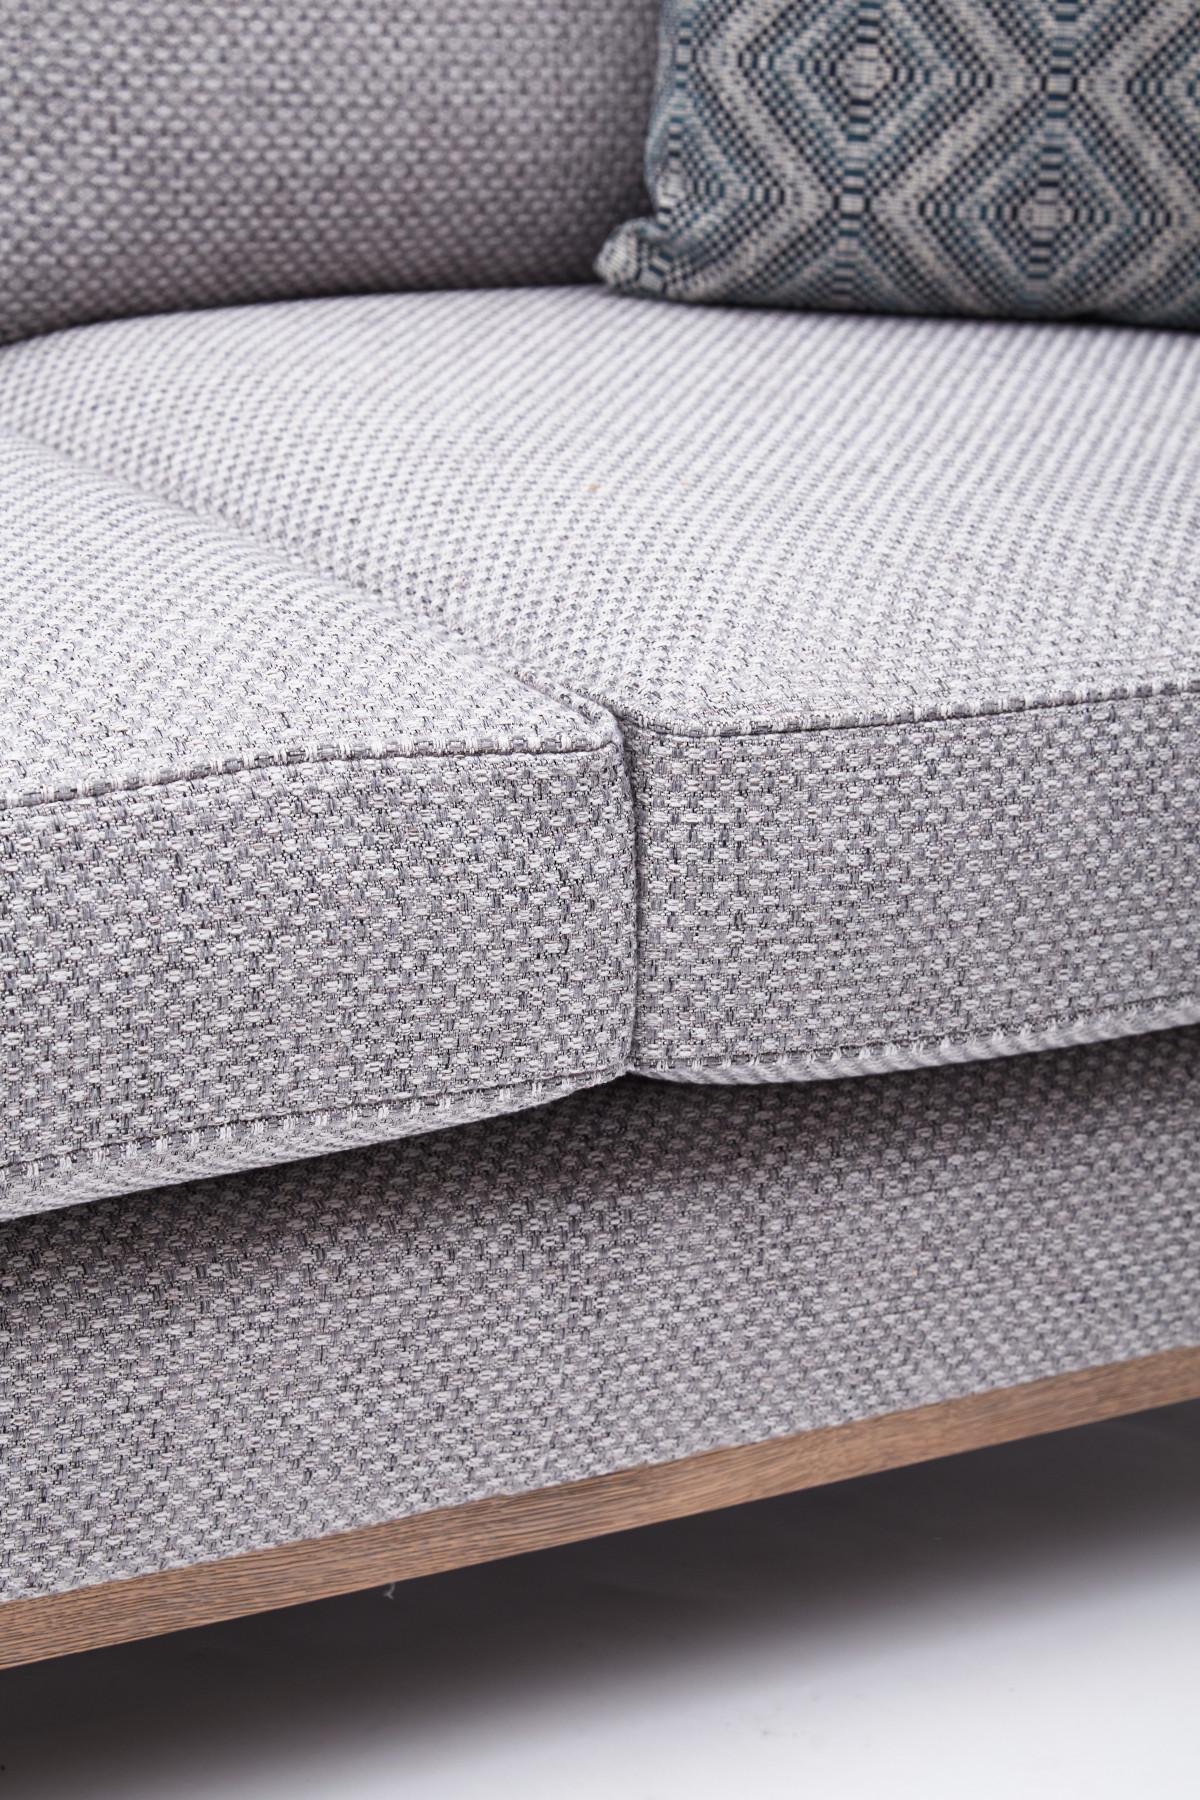 Erikson 2 Seater Sofa